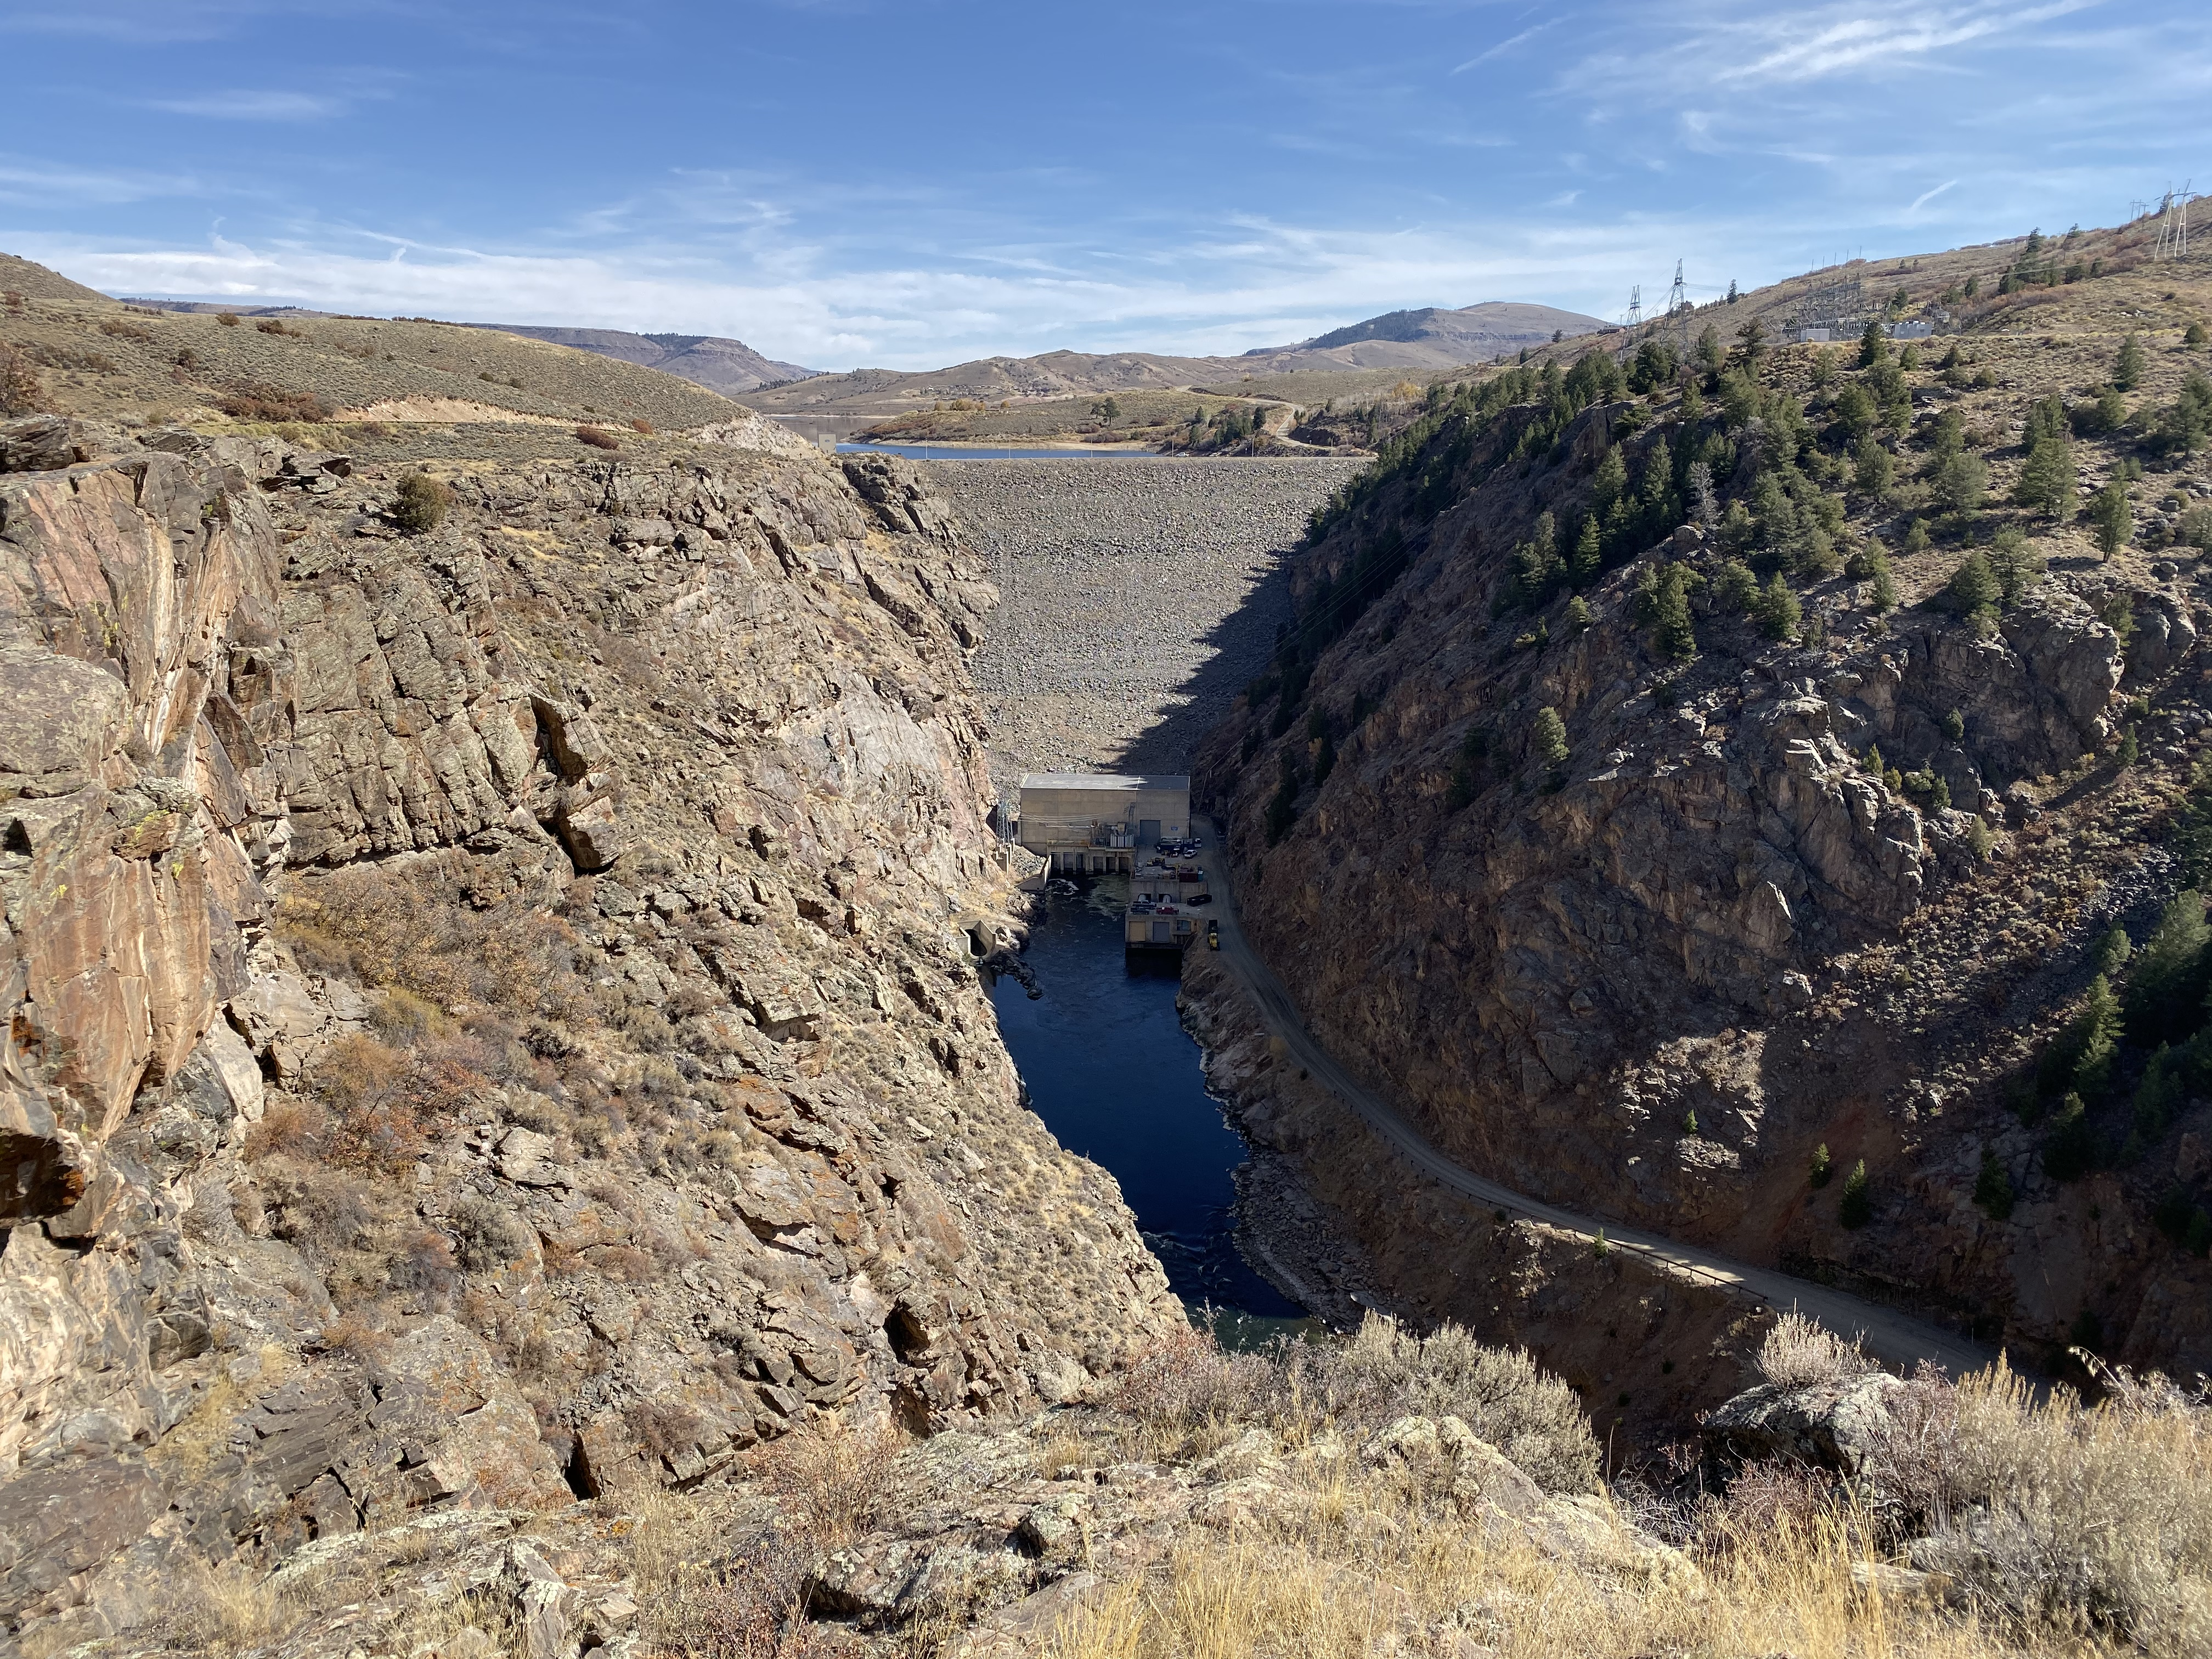 Blue Mesa Dam from the Blue Mesa Dam overlook.